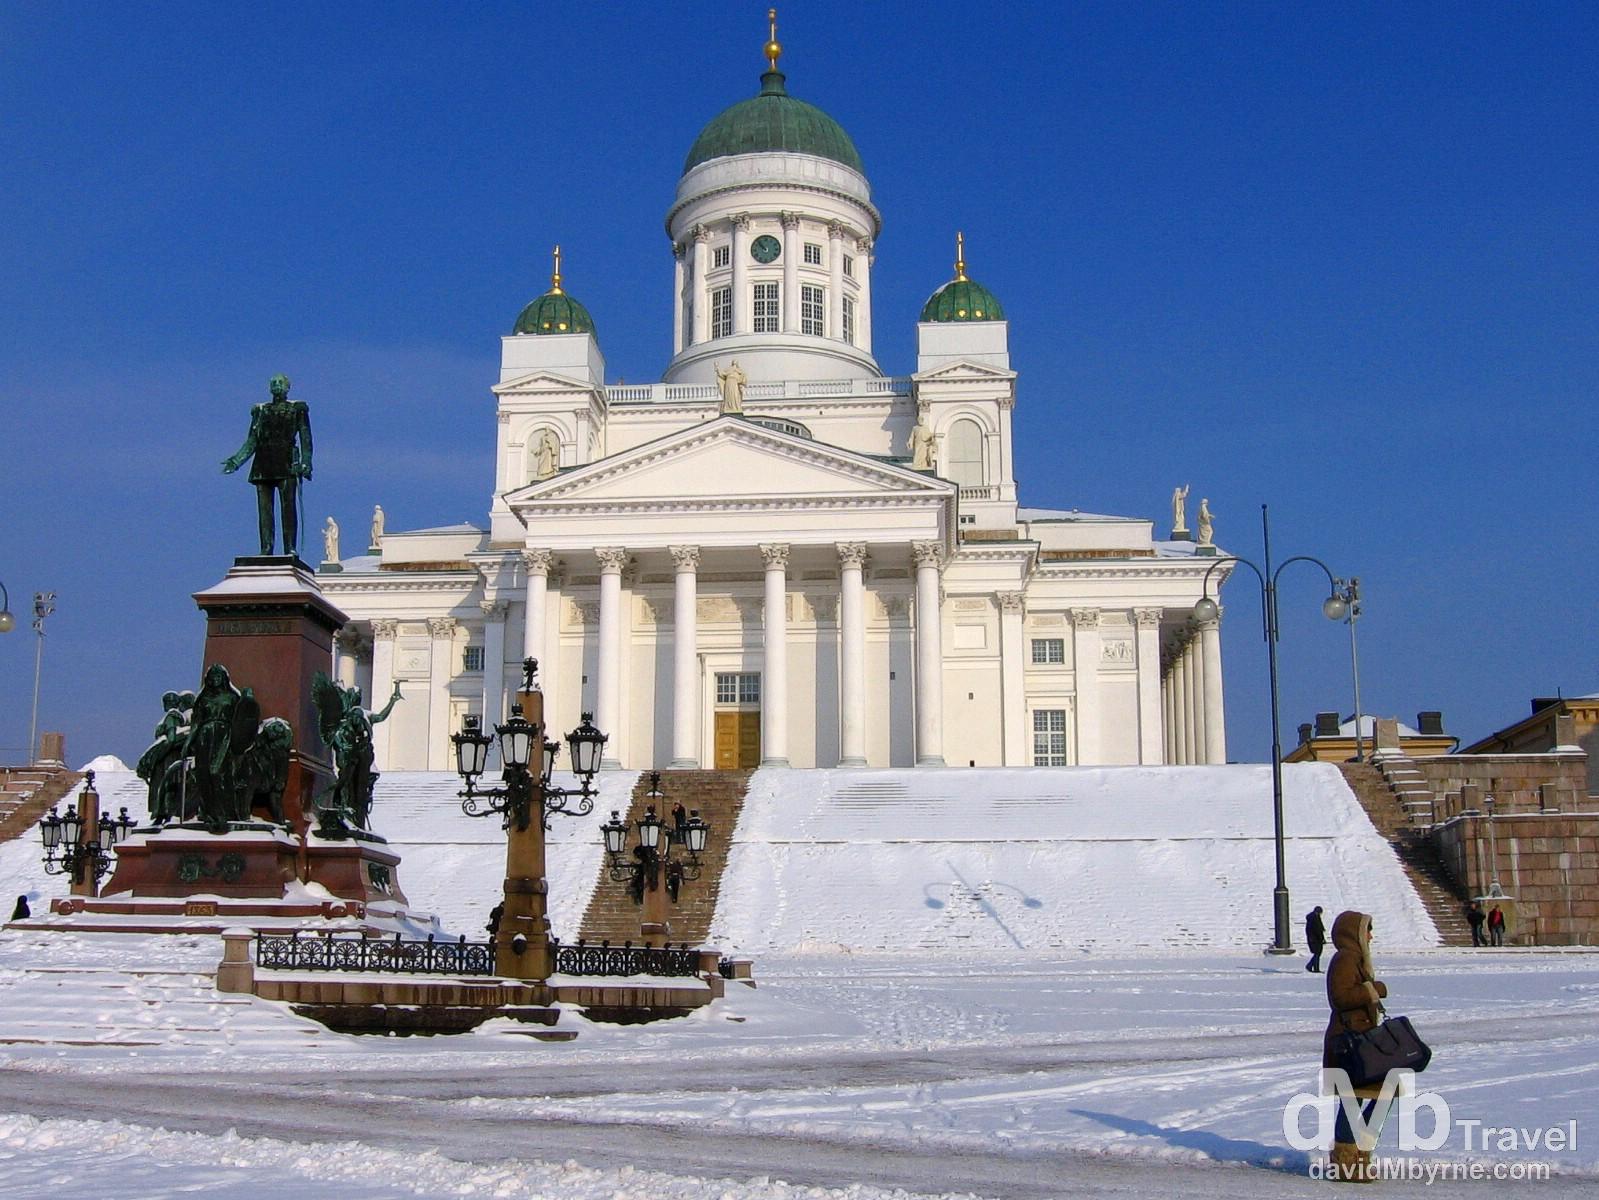 Helsinki, Finland (2006)